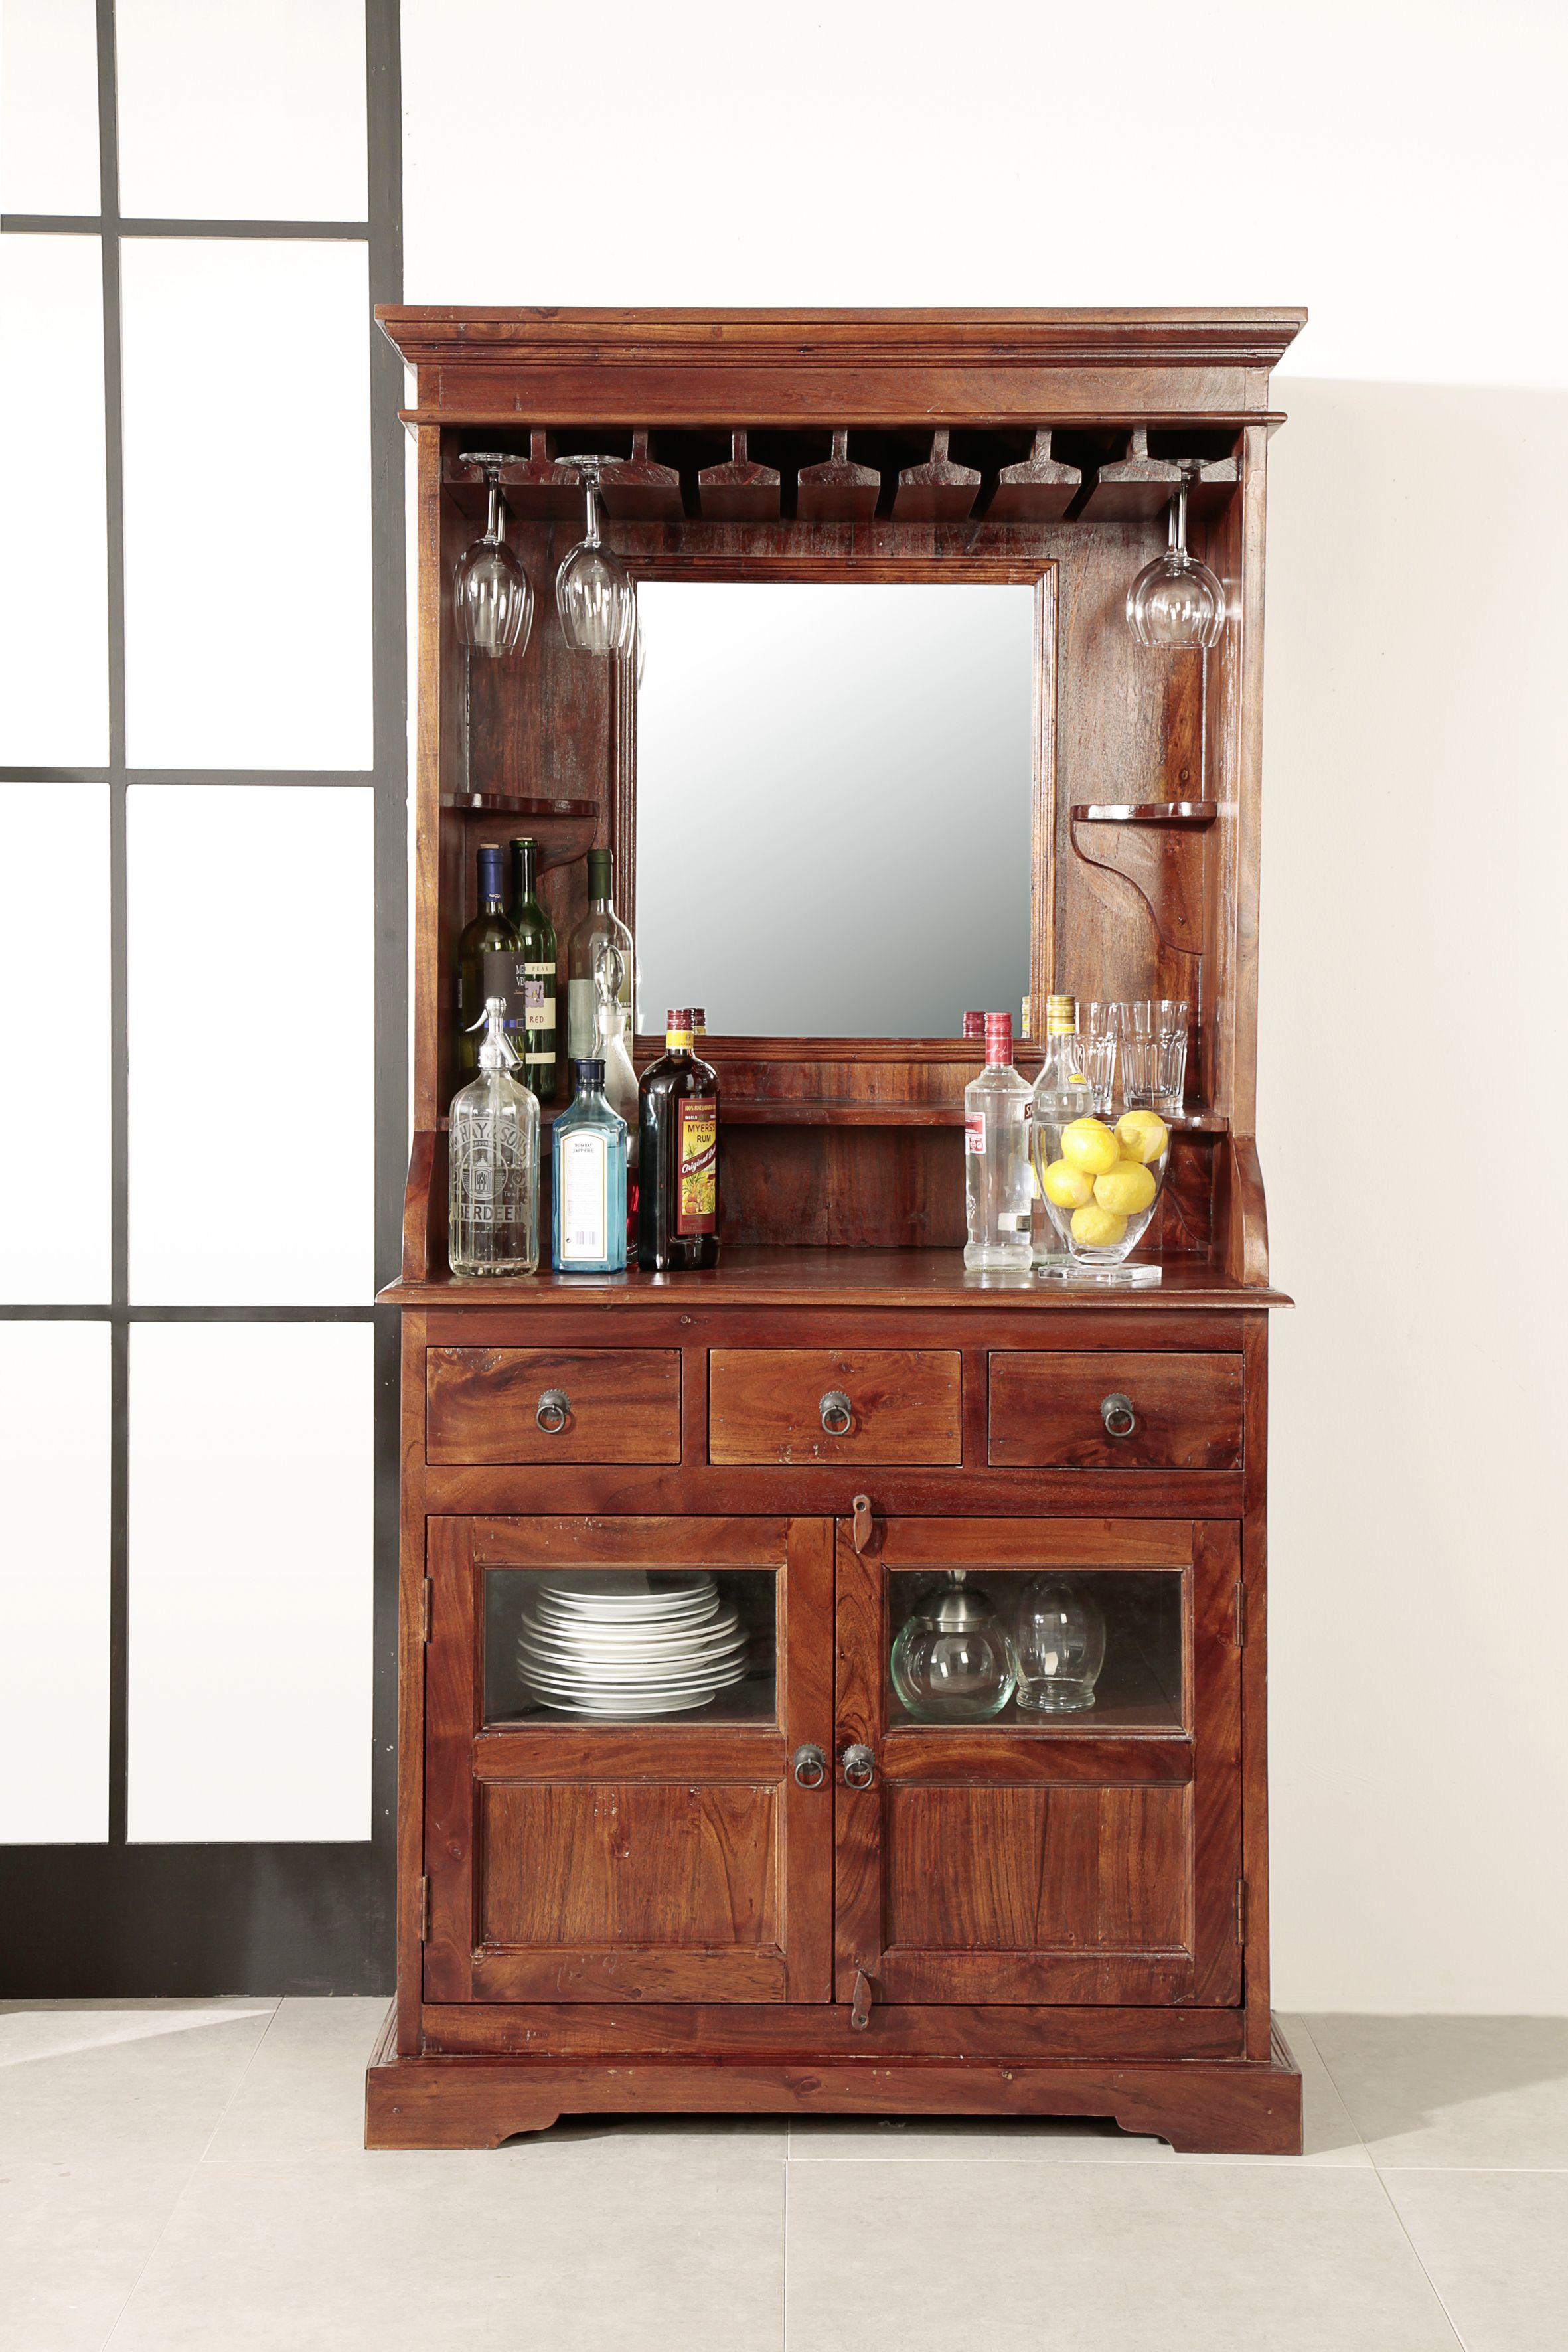 weinschrank oxford charakteristisch f r den kolonialstil sind dunkle m bel daf r wird das. Black Bedroom Furniture Sets. Home Design Ideas